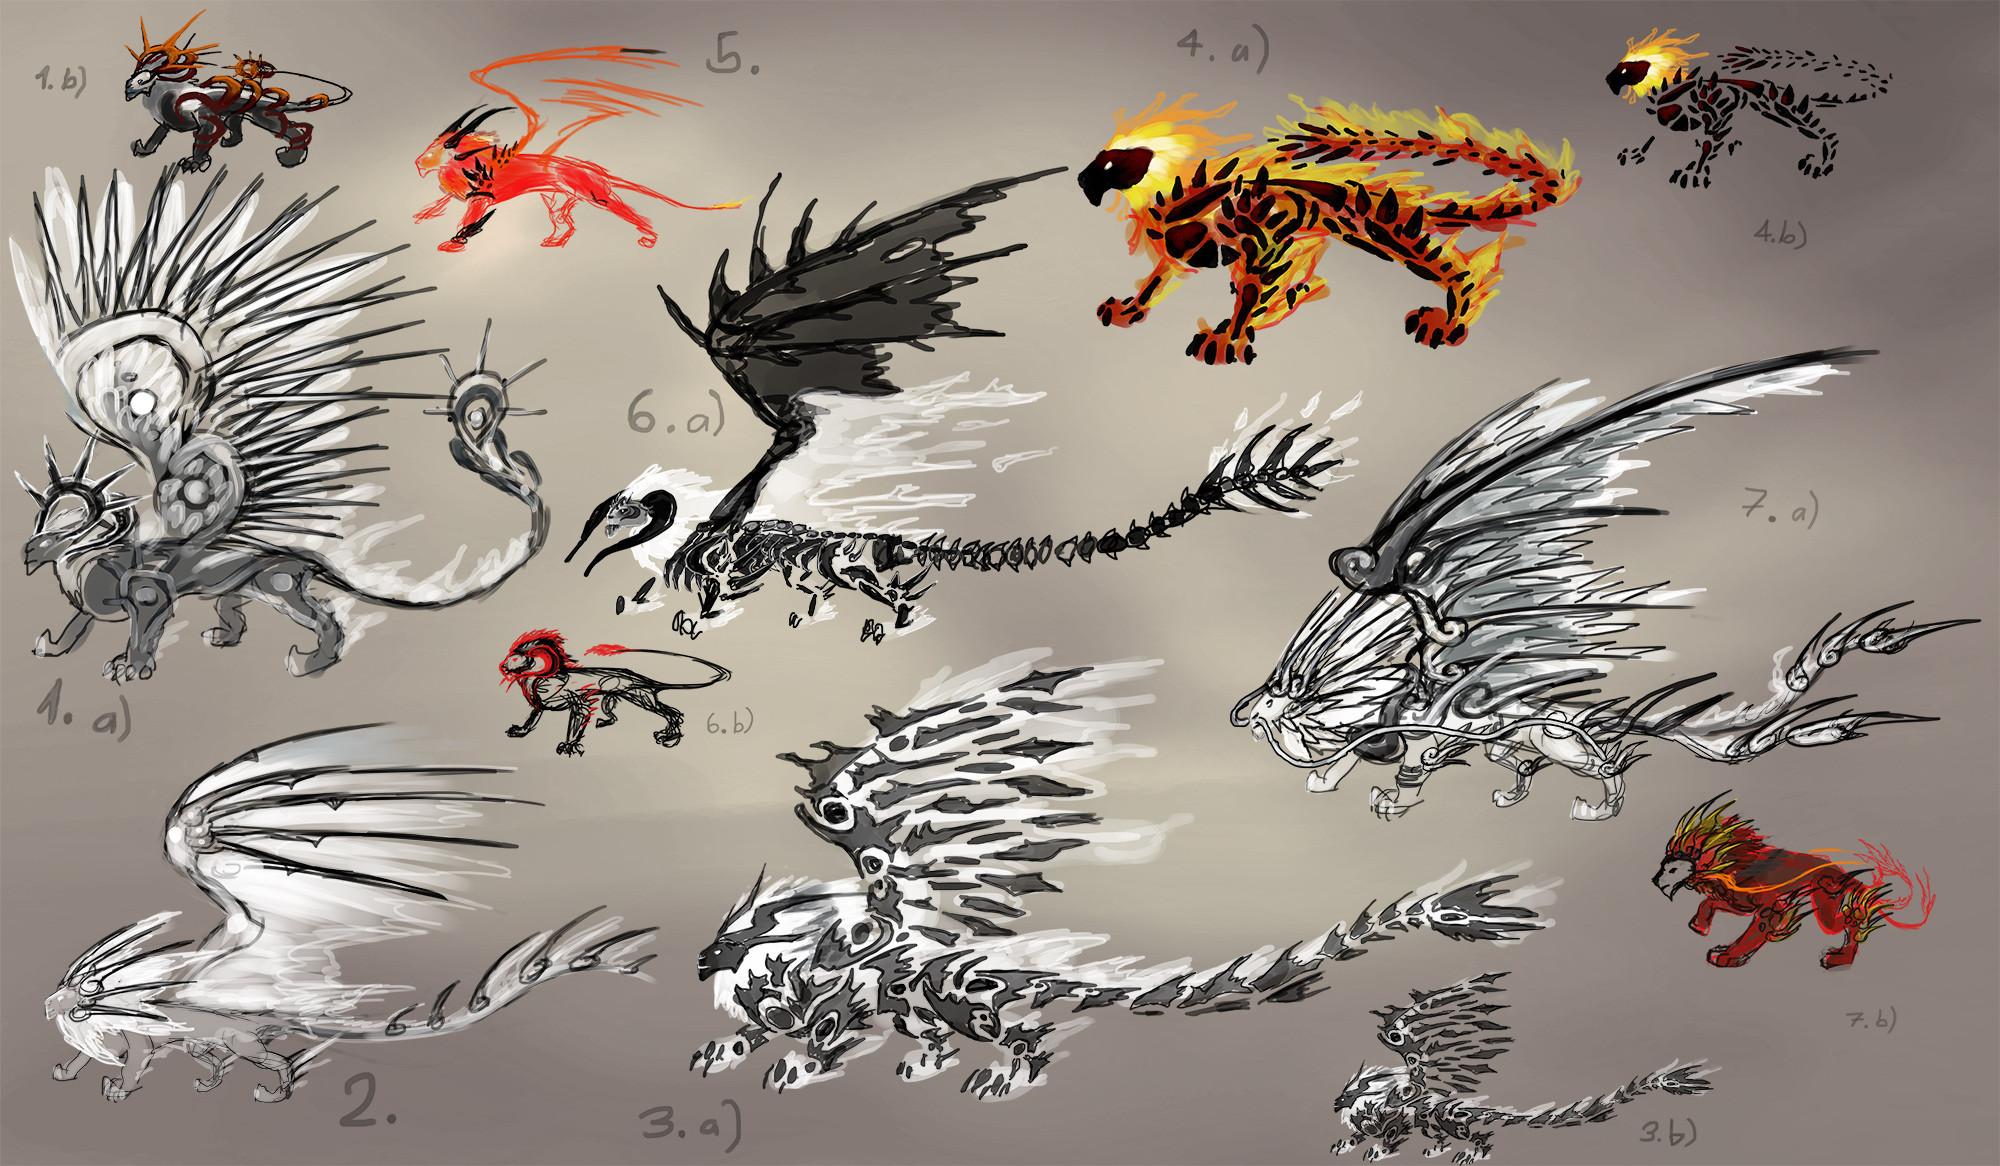 Concept ideas for a fire lion